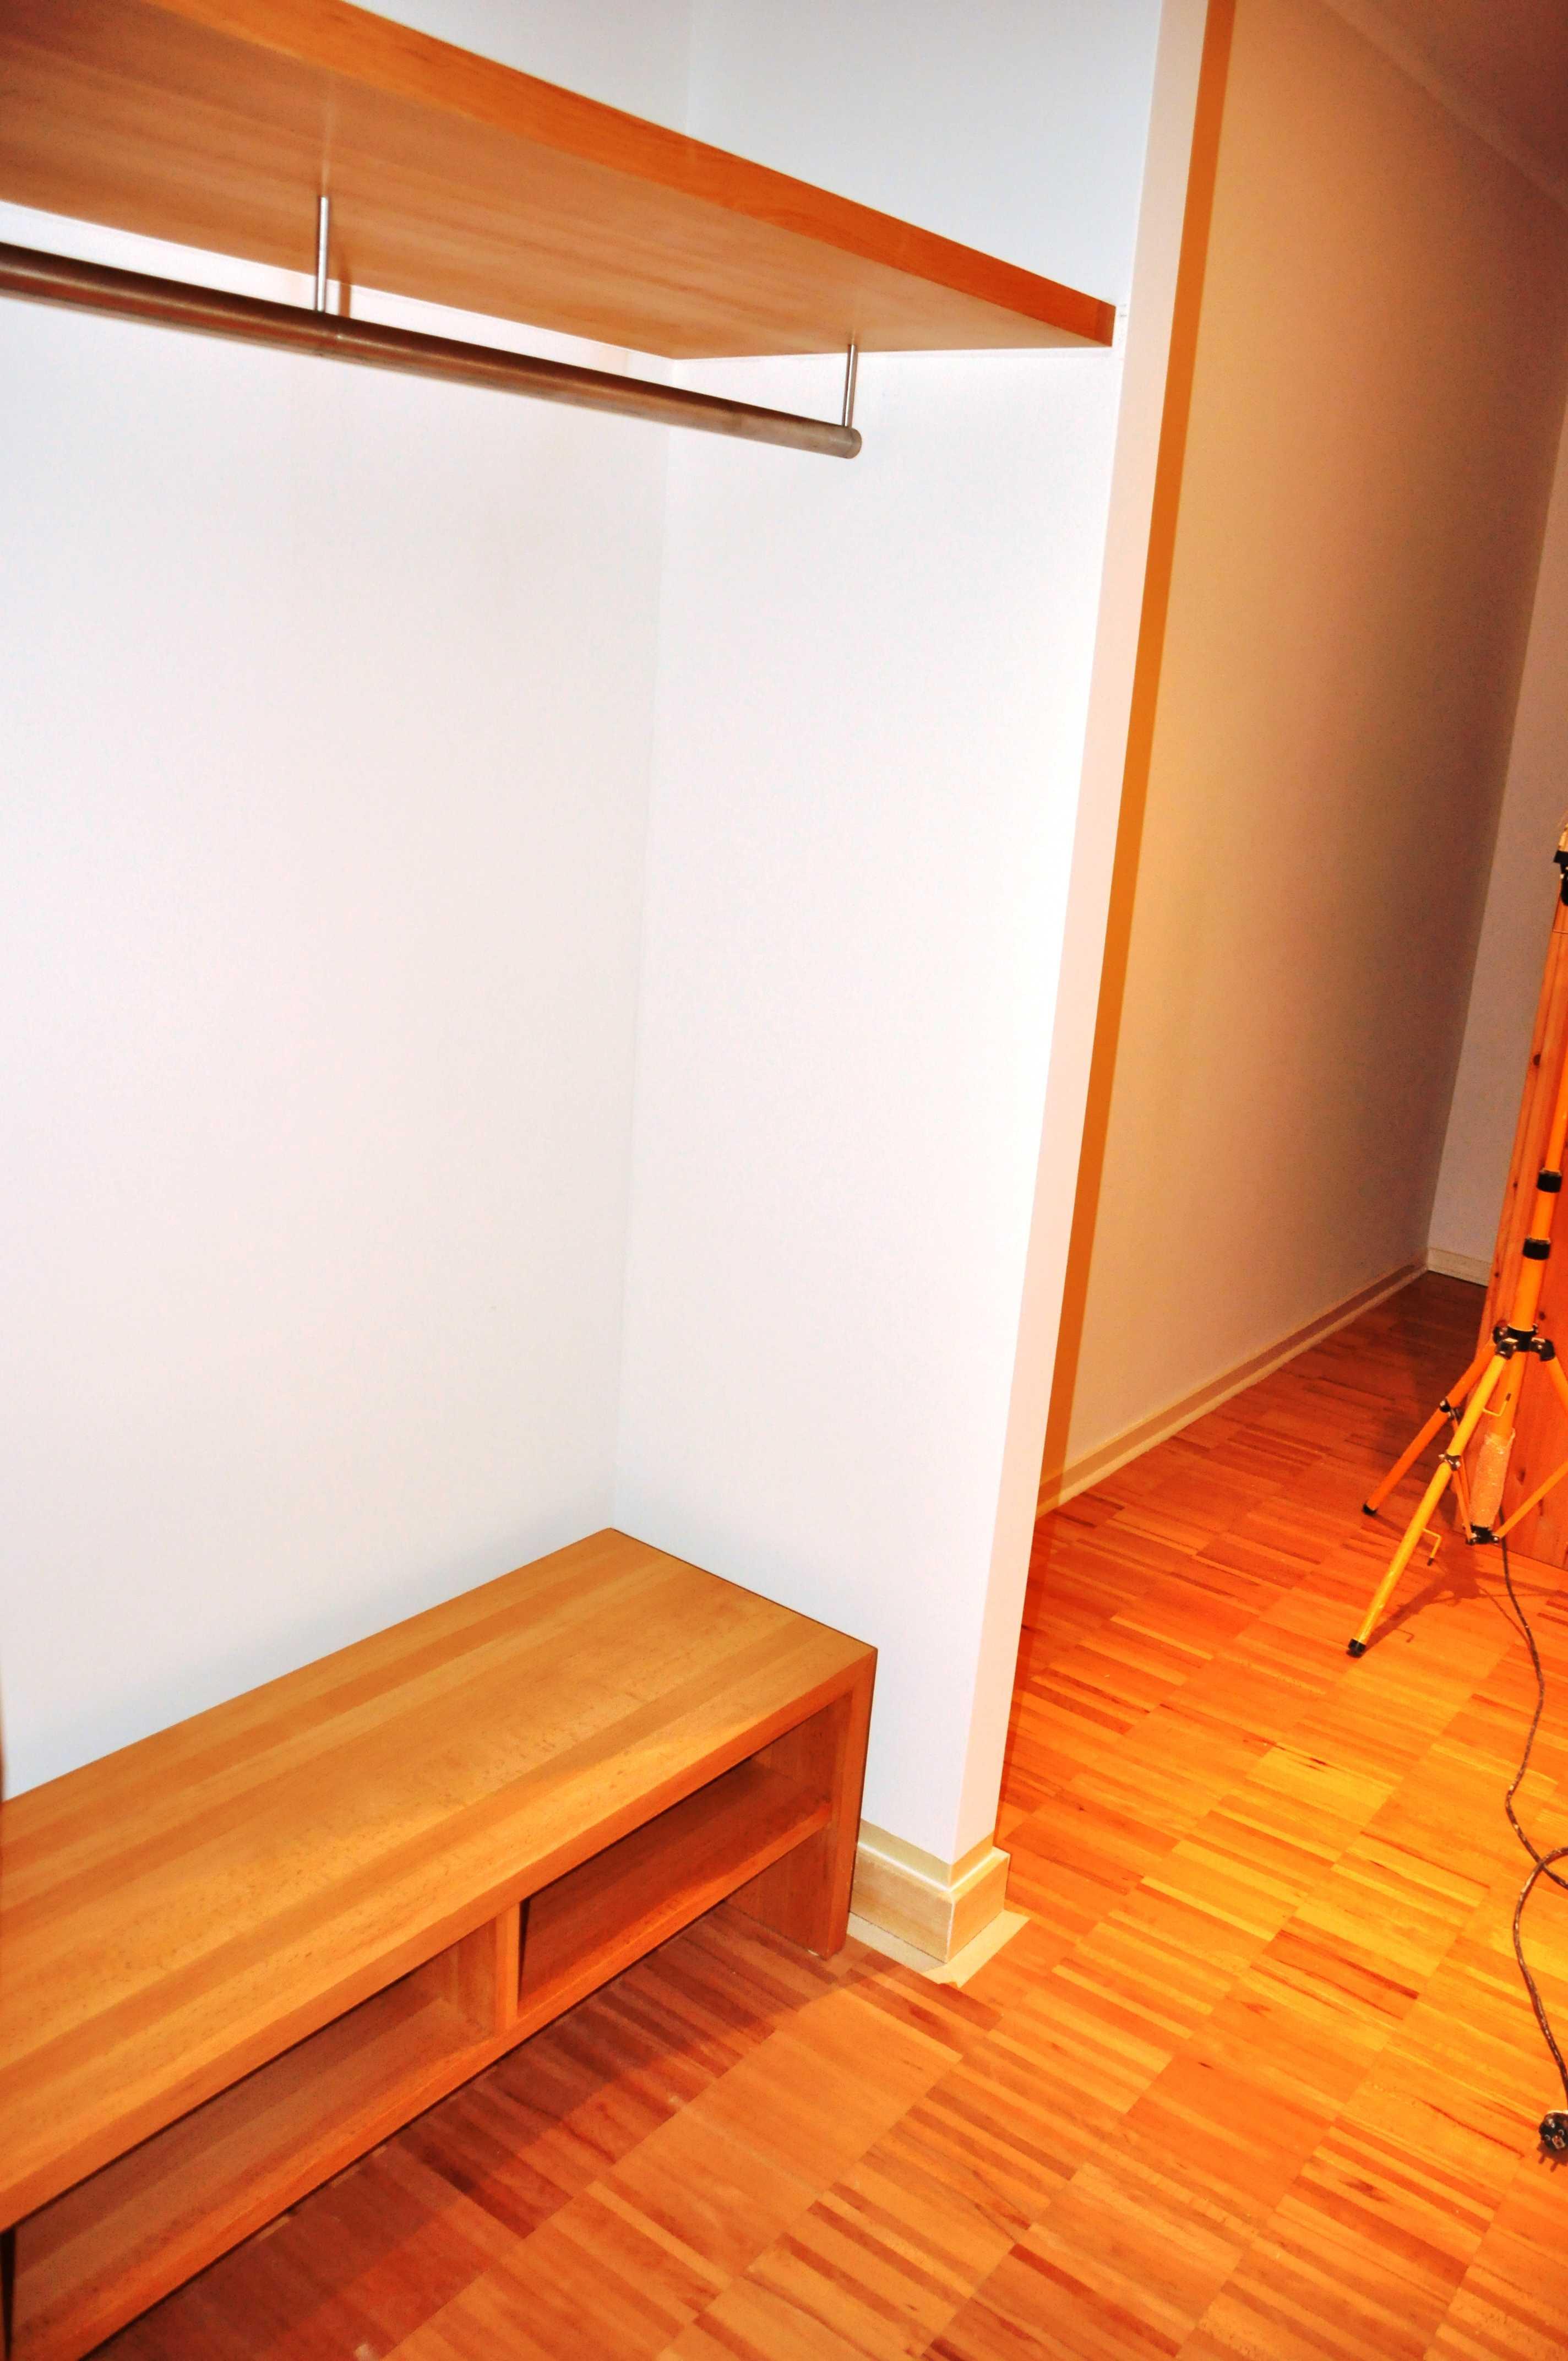 Projekt Einbauschrank und Garderobe (2)